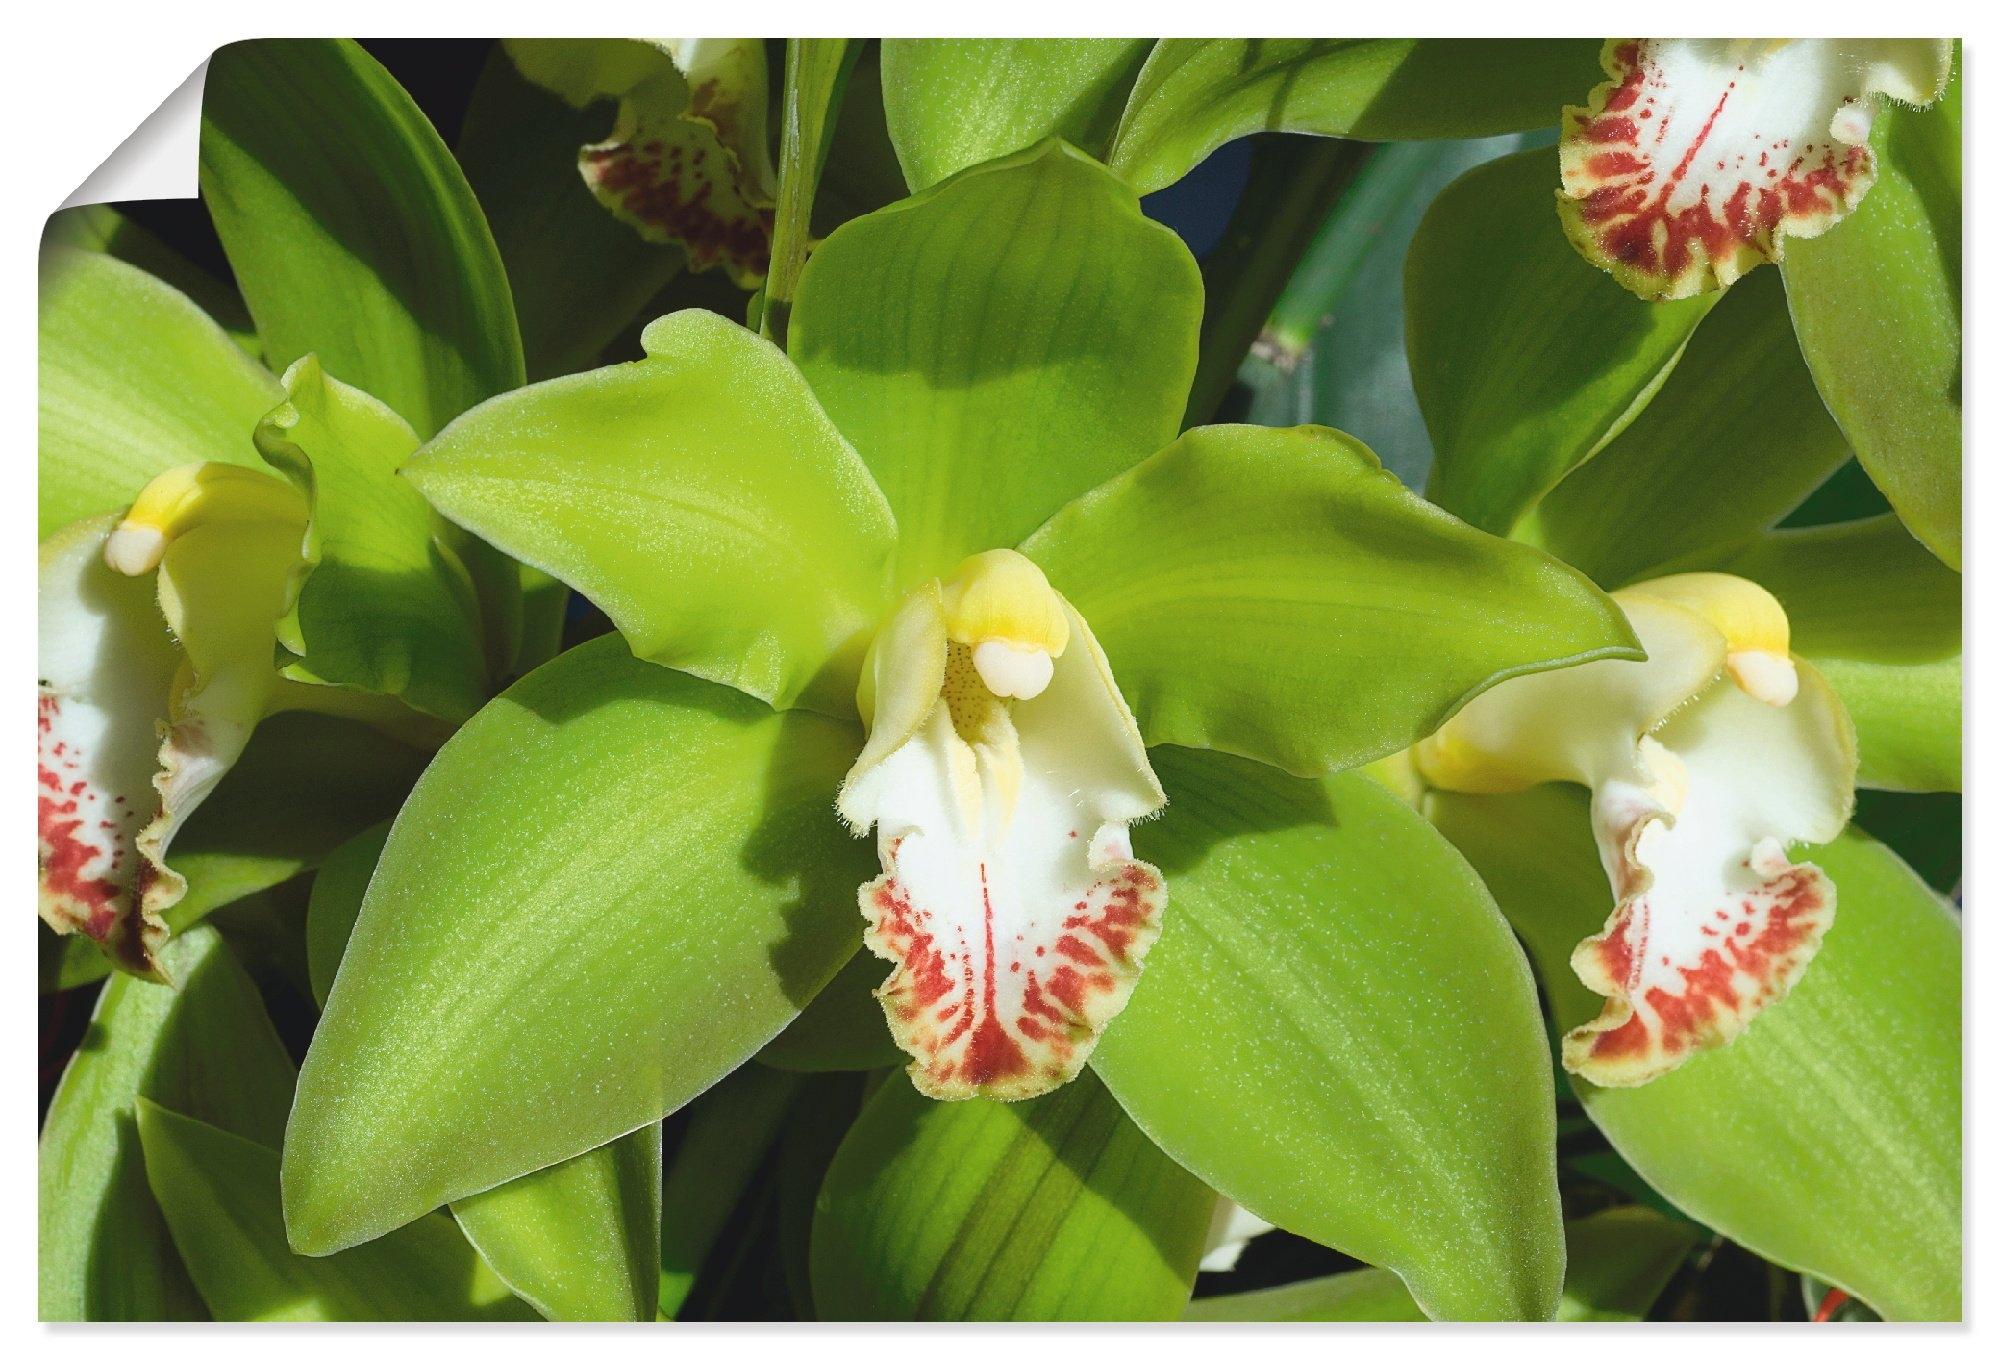 Artland artprint »Orchidee« goedkoop op otto.nl kopen